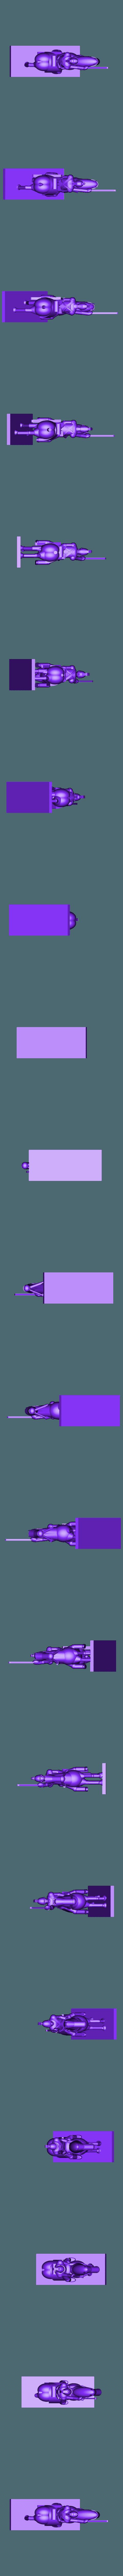 hvy_drag_off_1.stl Télécharger fichier STL gratuit Napoléonien - Partie 4 - Cavalerie Britannique • Modèle pour impression 3D, Earsling